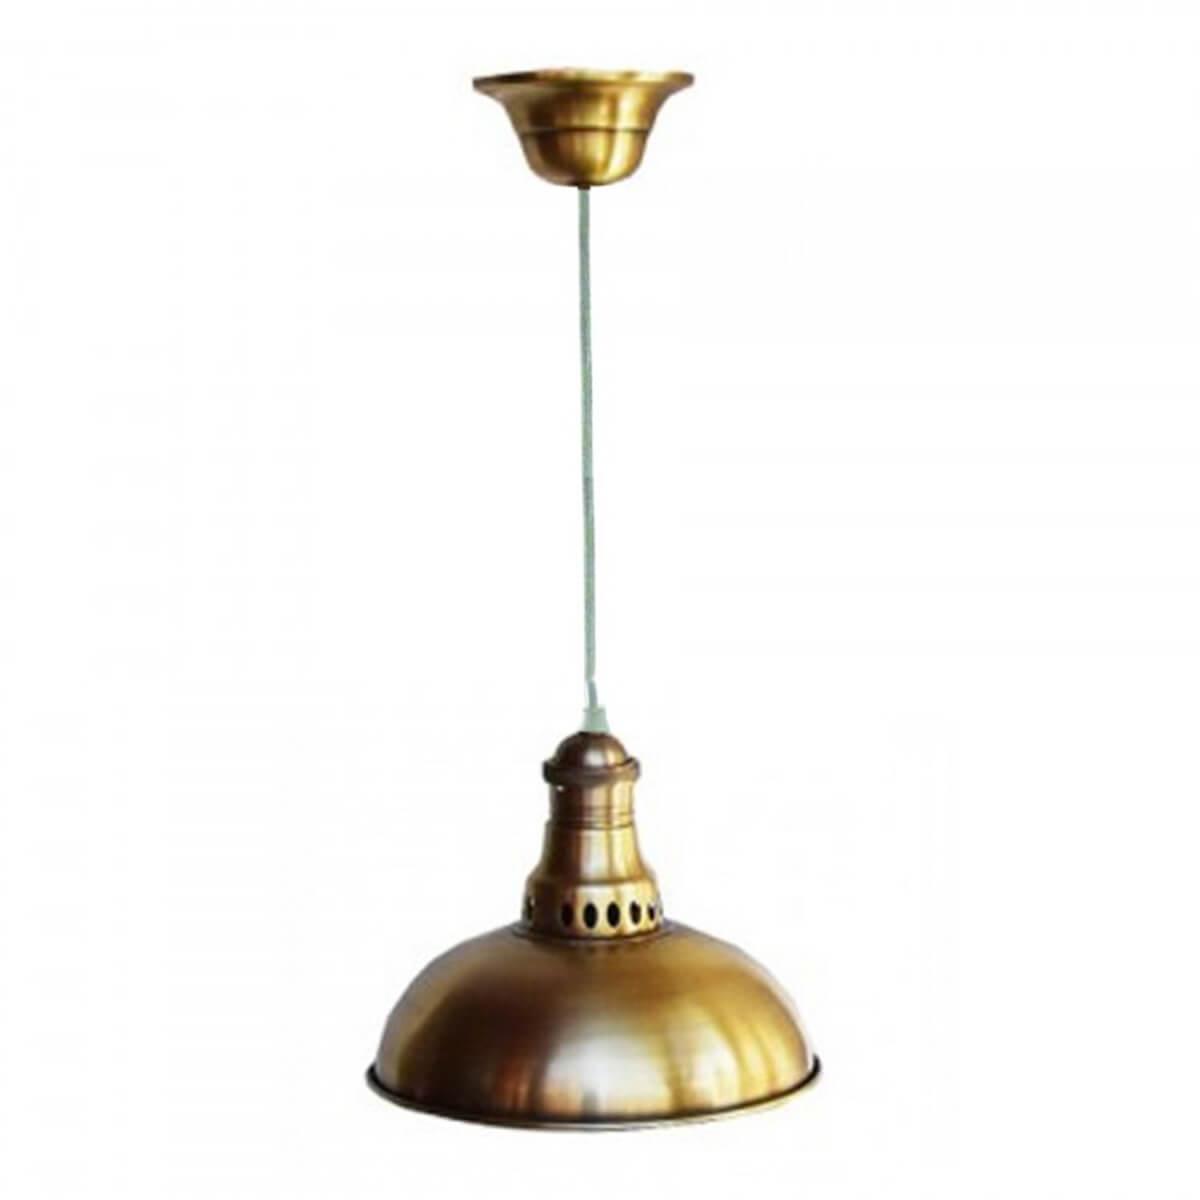 Antik mässing taklampa